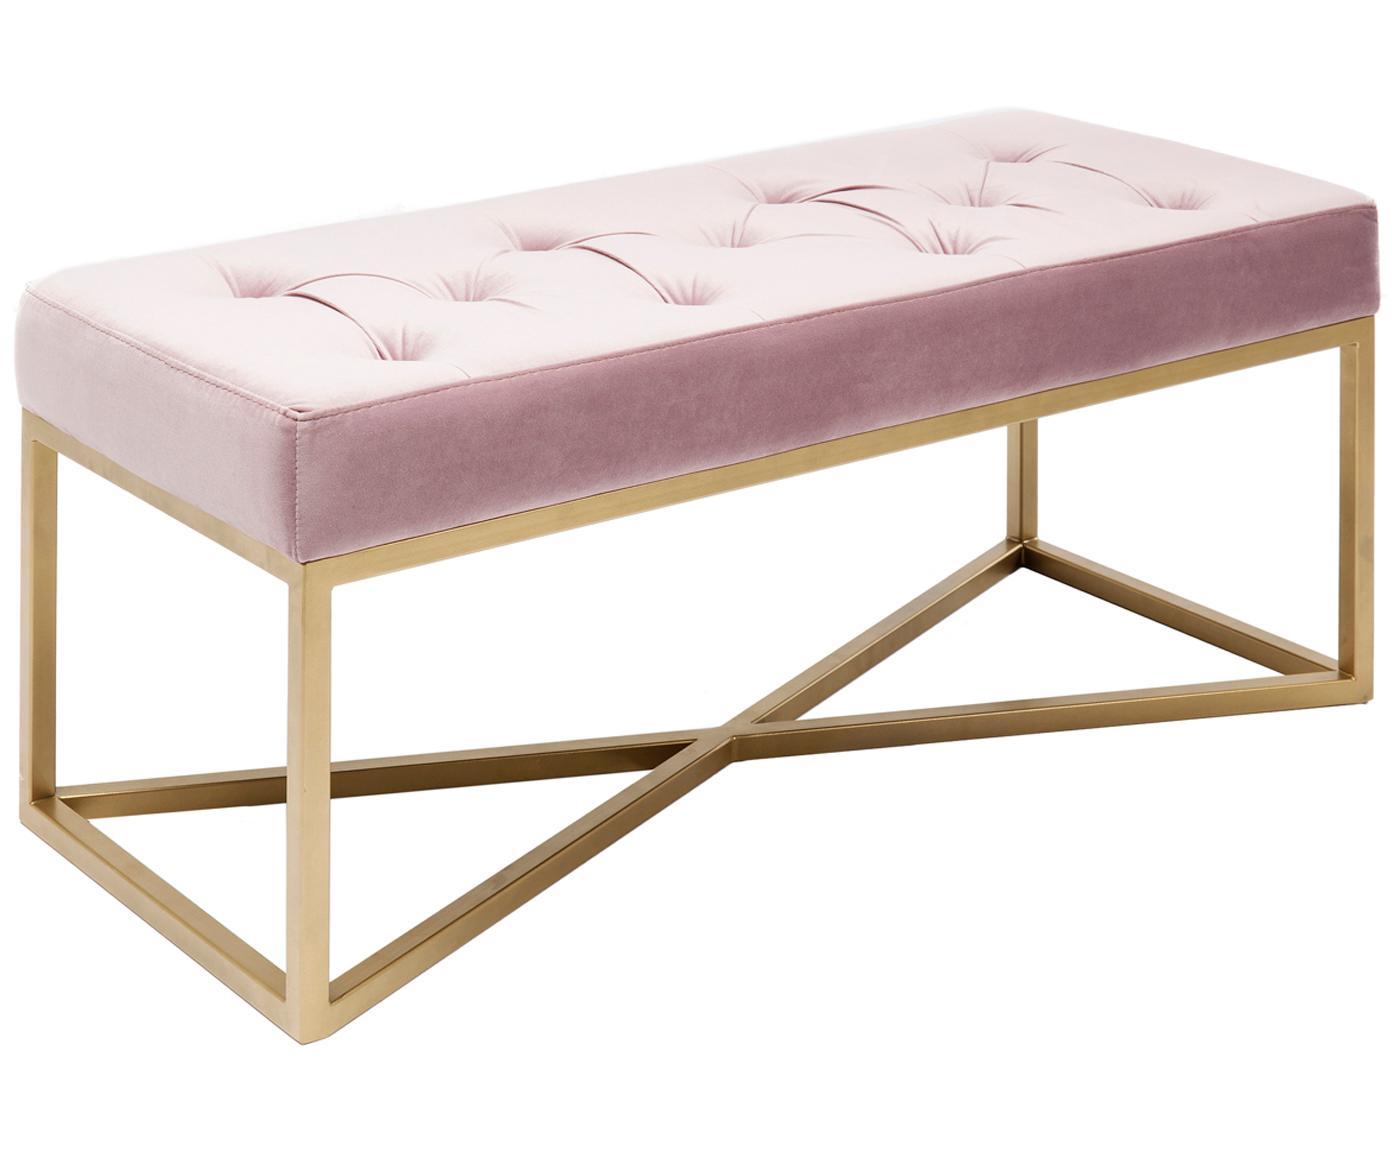 Ławka tapicerowana z aksamitu Crossover, Stelaż: metal lakierowany, Tapicerka: aksamit poliestrowy 4500, Różowy, odcienie mosiądzu, S 90 x H 40 cm